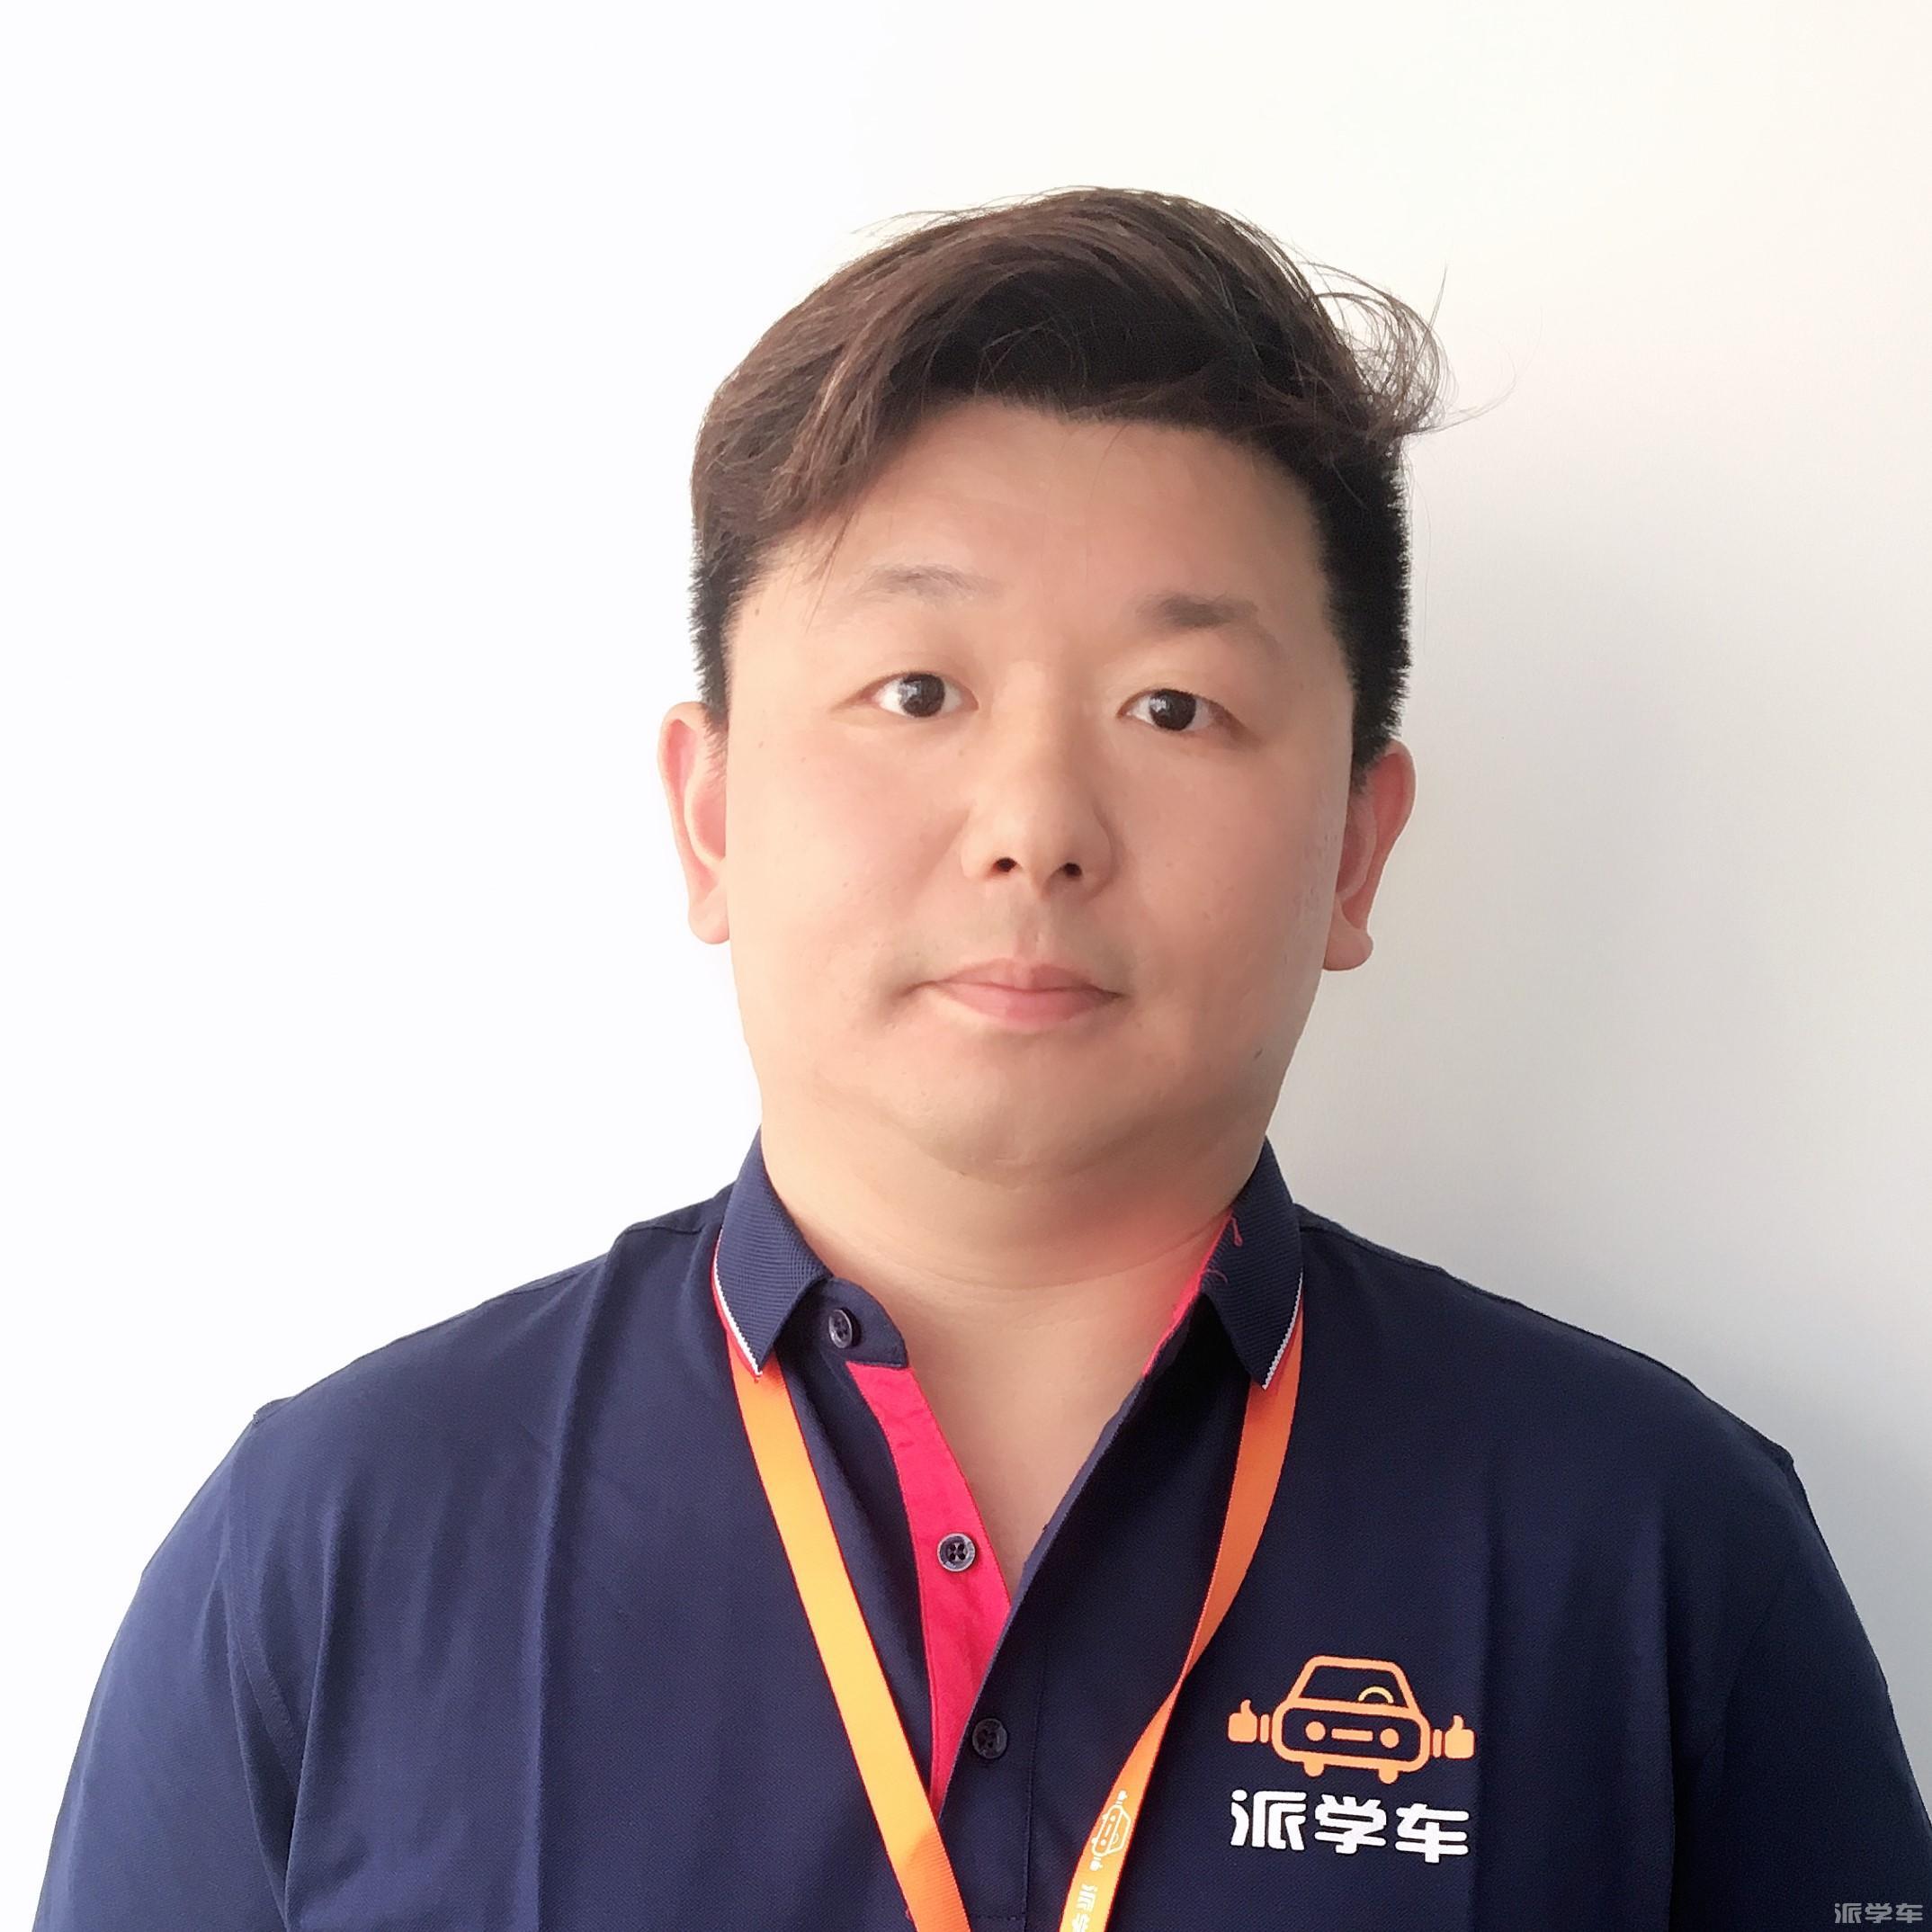 教练庄璐(新桑塔纳)